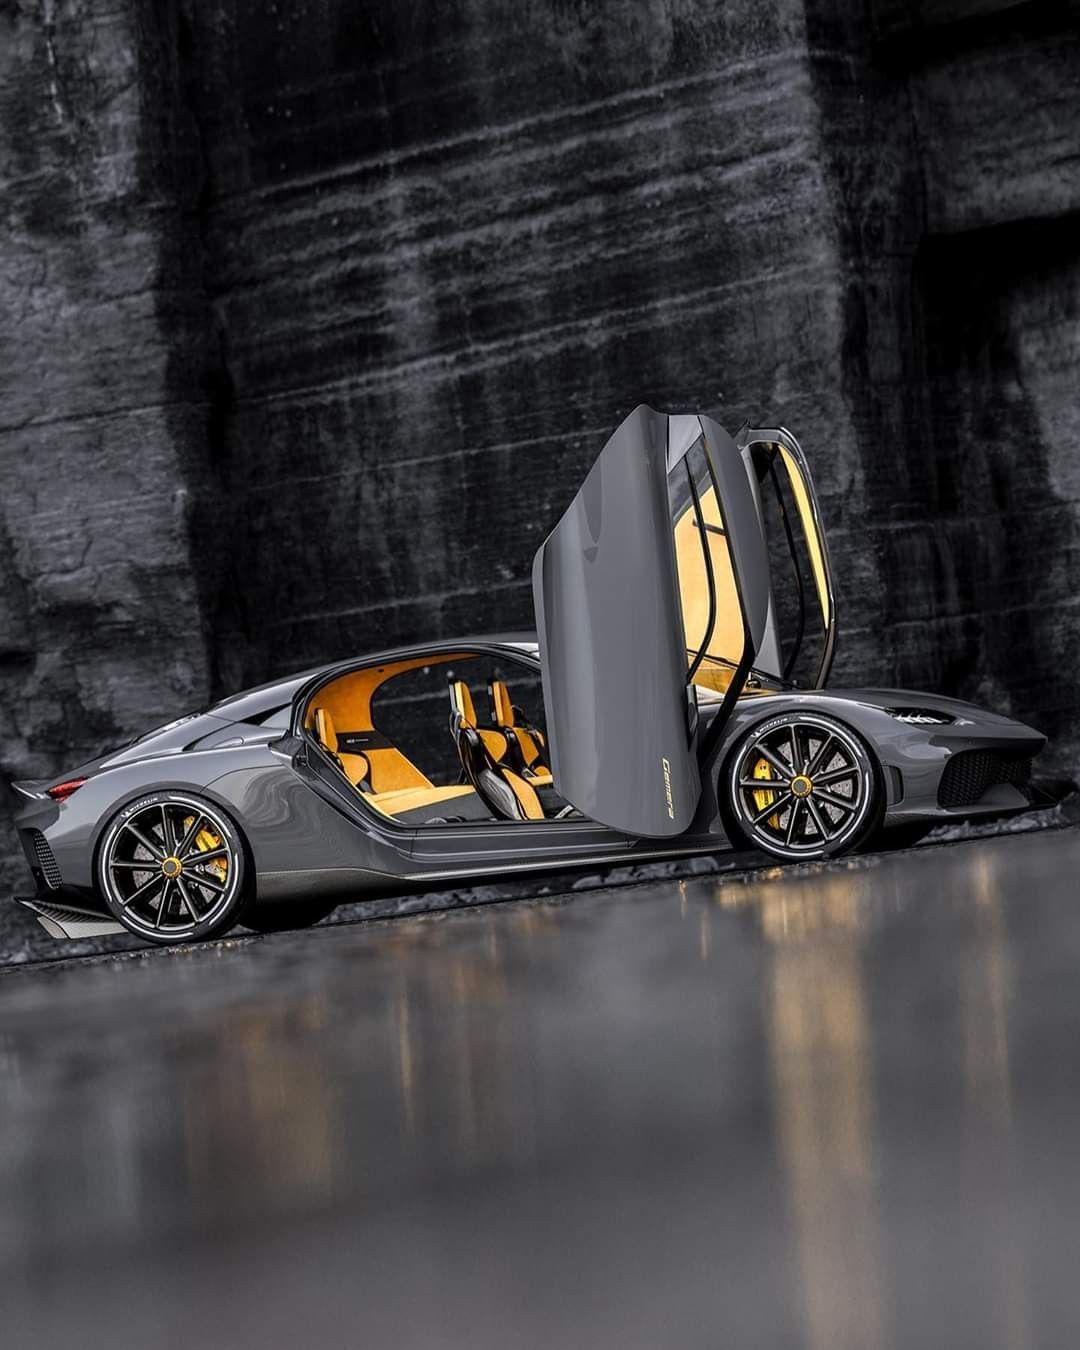 Pin By Fire Ninhe On Tachki In 2020 Koenigsegg Futuristic Cars Super Cars